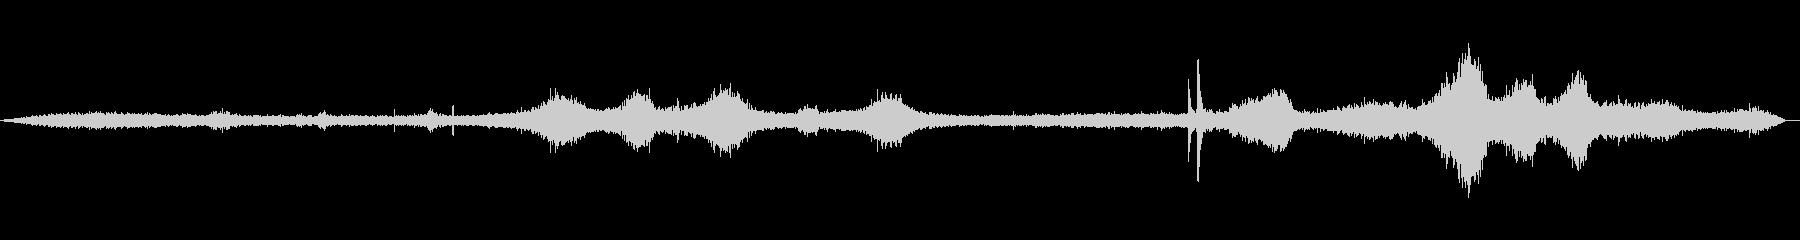 道路の音(環境音)01の未再生の波形